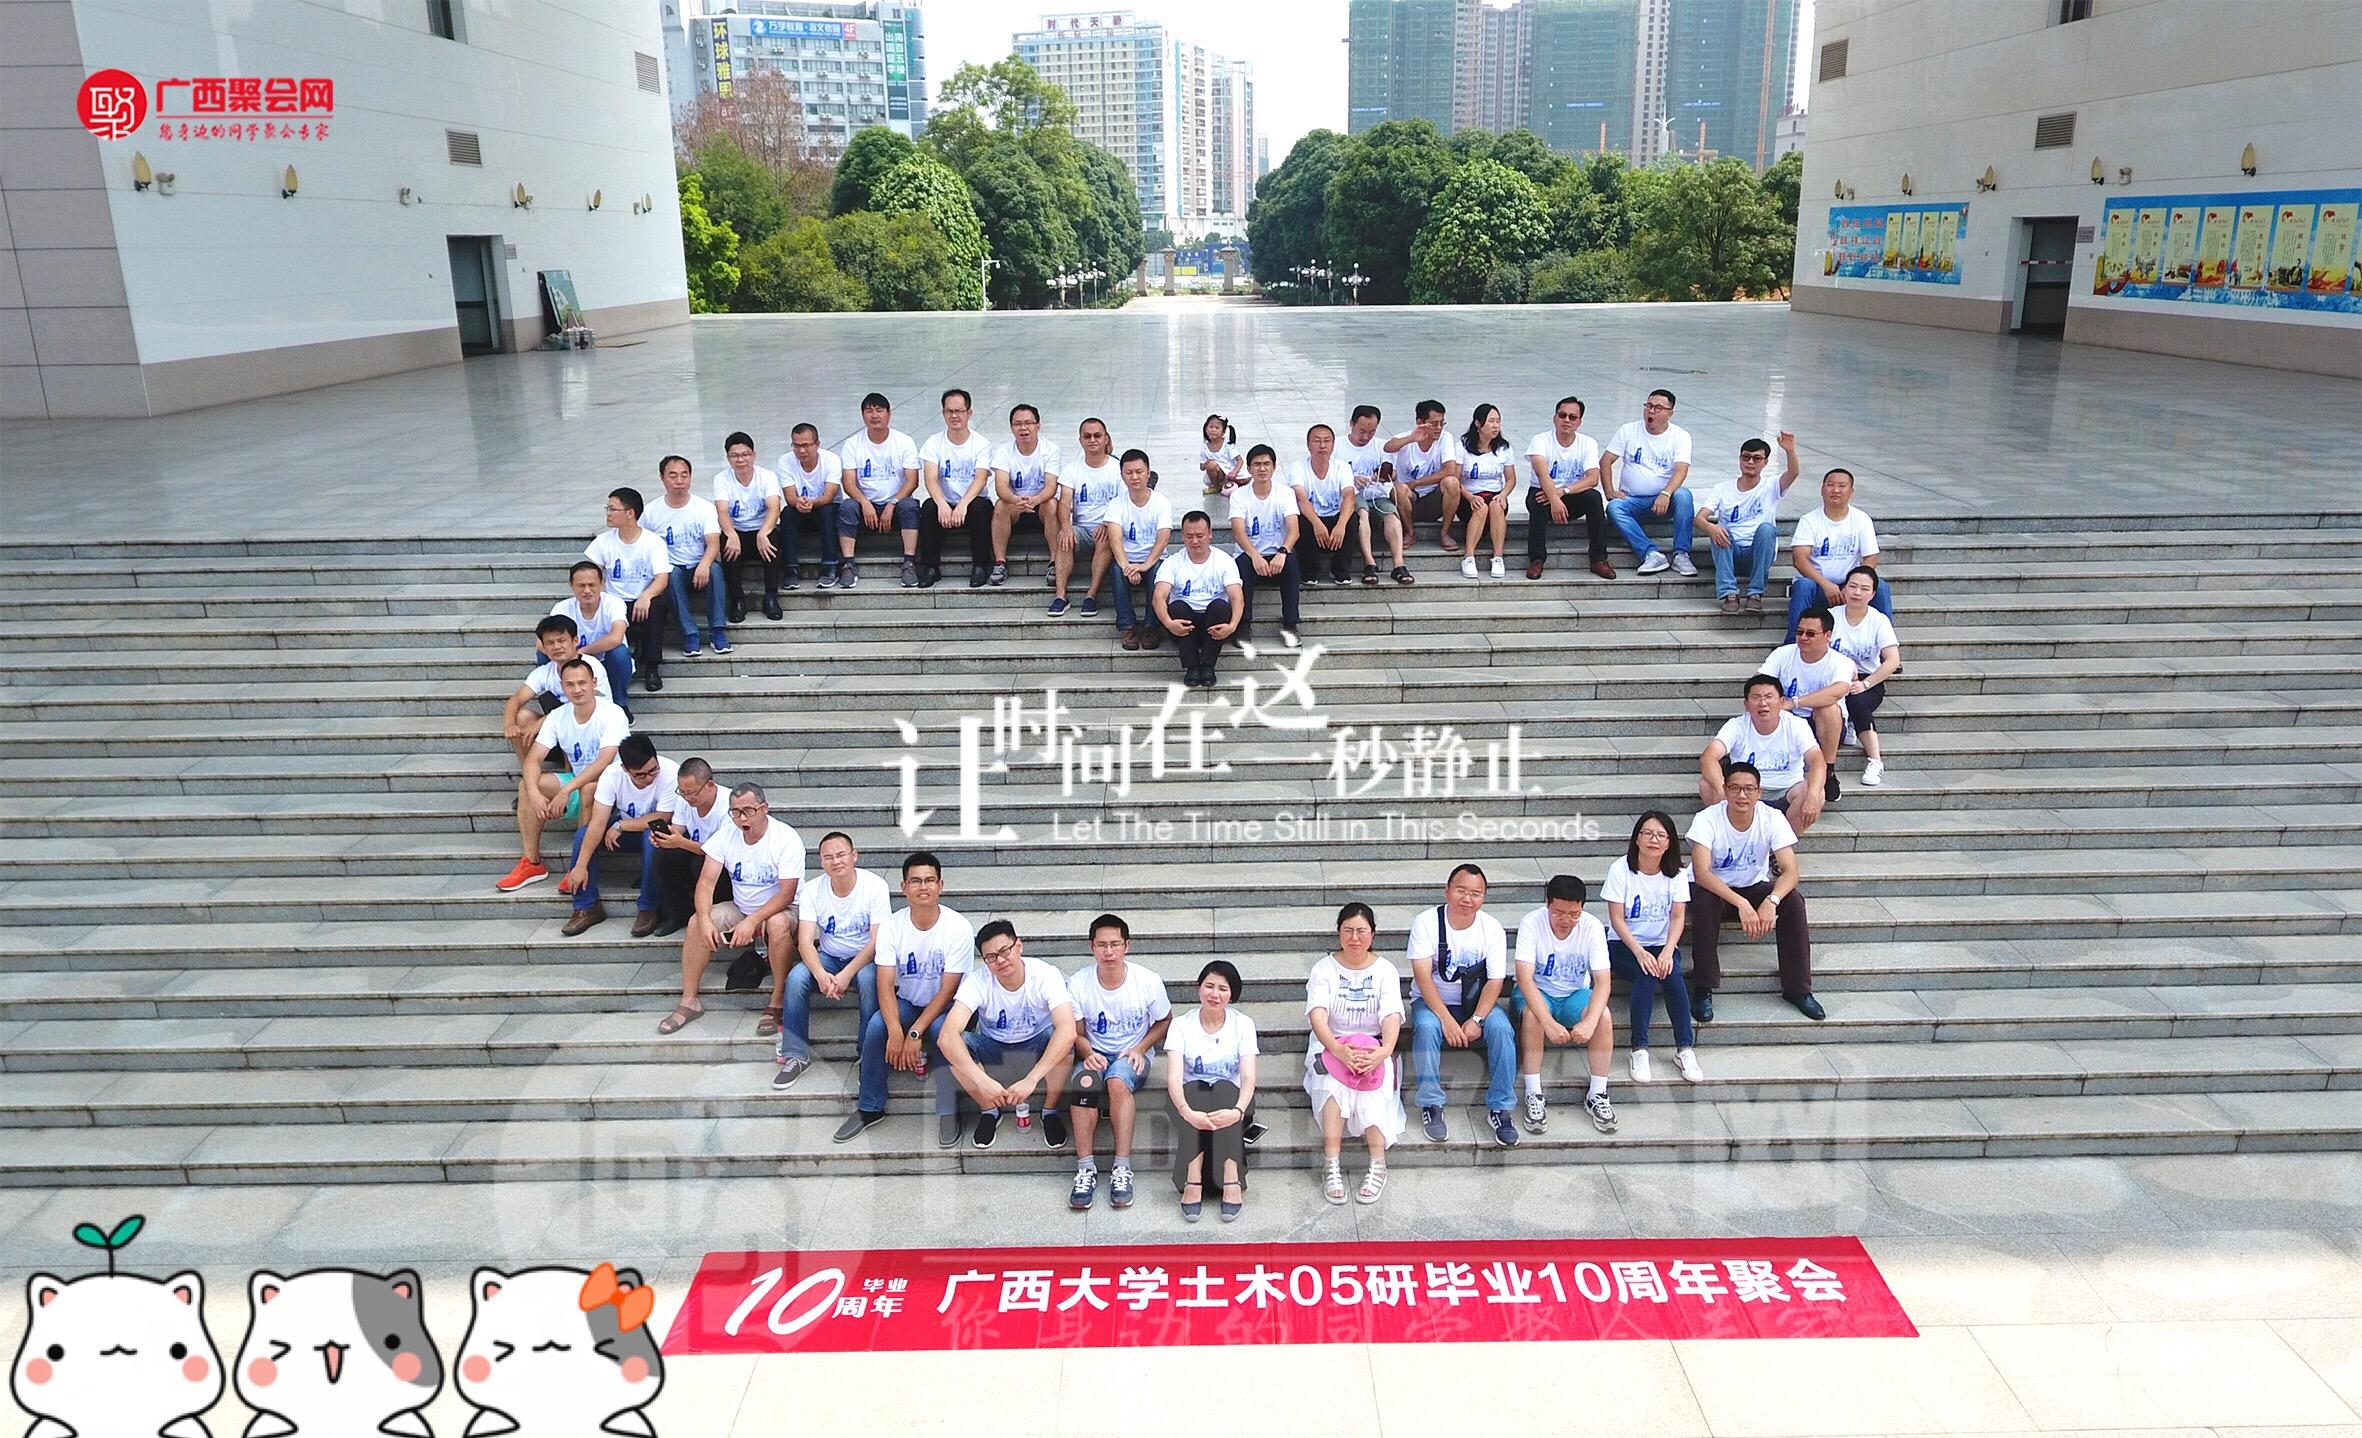 广西大学土木05研毕业10周年聚会